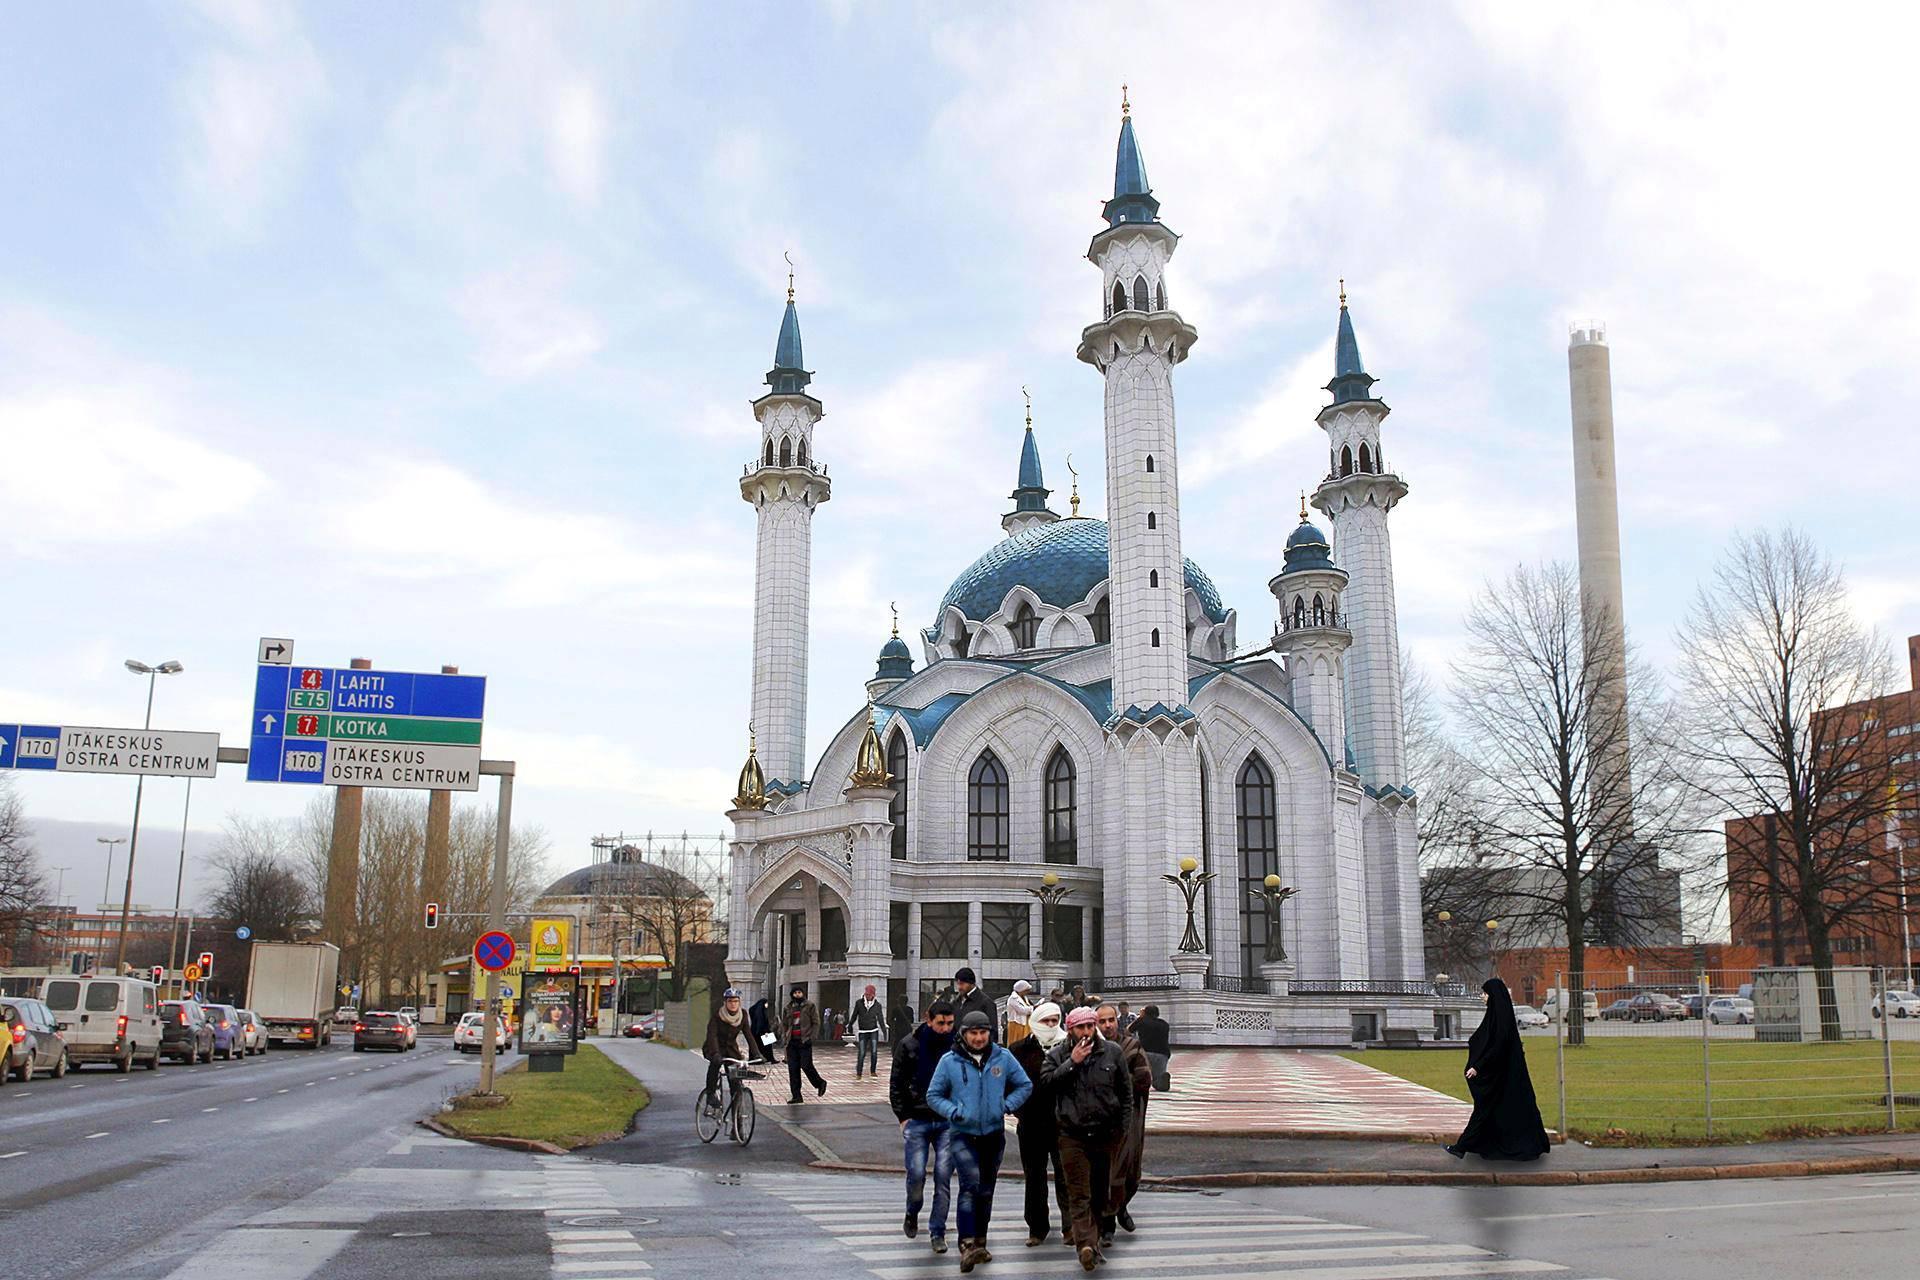 Helsingin moskeija voisi tulla Sörnäisten rantatielle. Havainnekuvassa paikalle on sijoitettu Kazanin moskeija, joka on suurempi kuin Helsinkiin mahdollisesti tuleva rakennus.